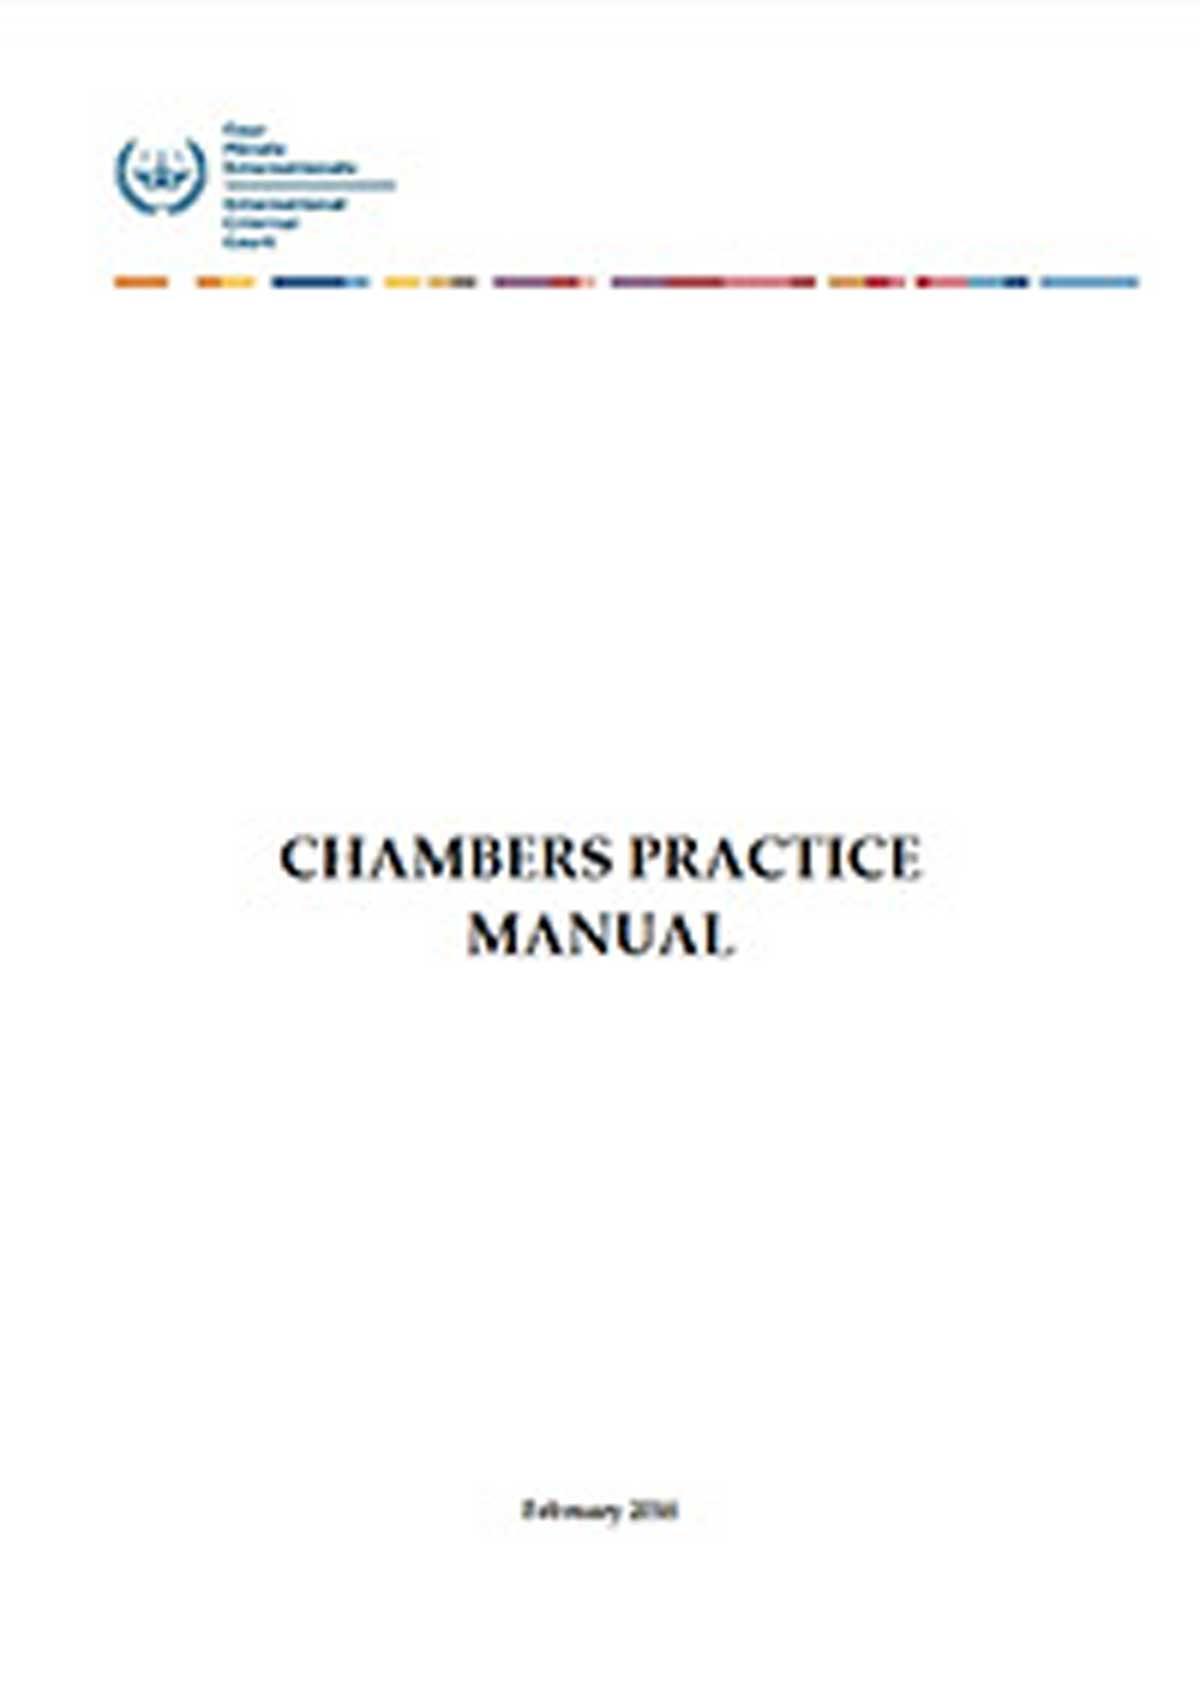 Copertina del manuale della camera preliminare